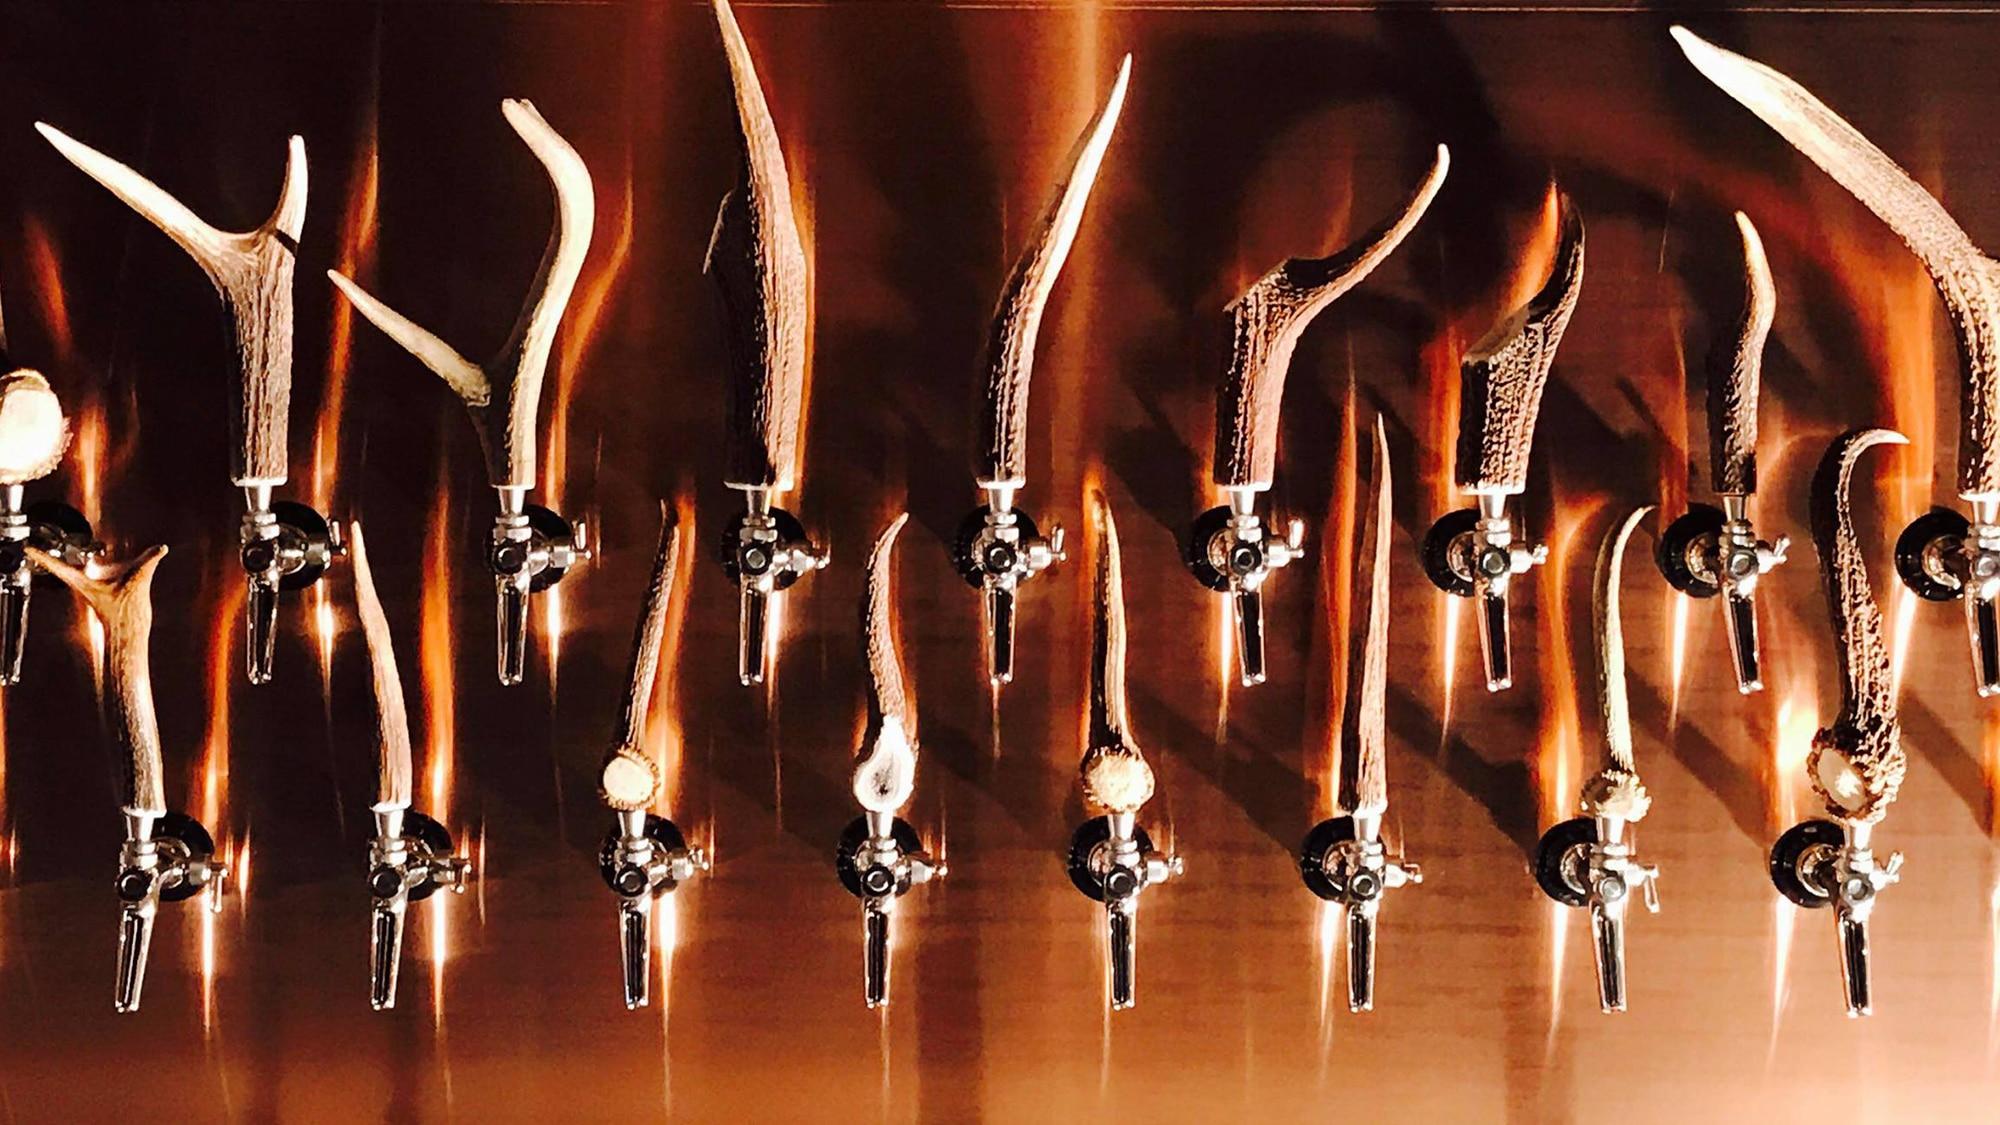 Im «Bierjohann» gibts schon viele Zapfhähne. Aber im «Bierrevier» wirds nahezu unüberschaubar.